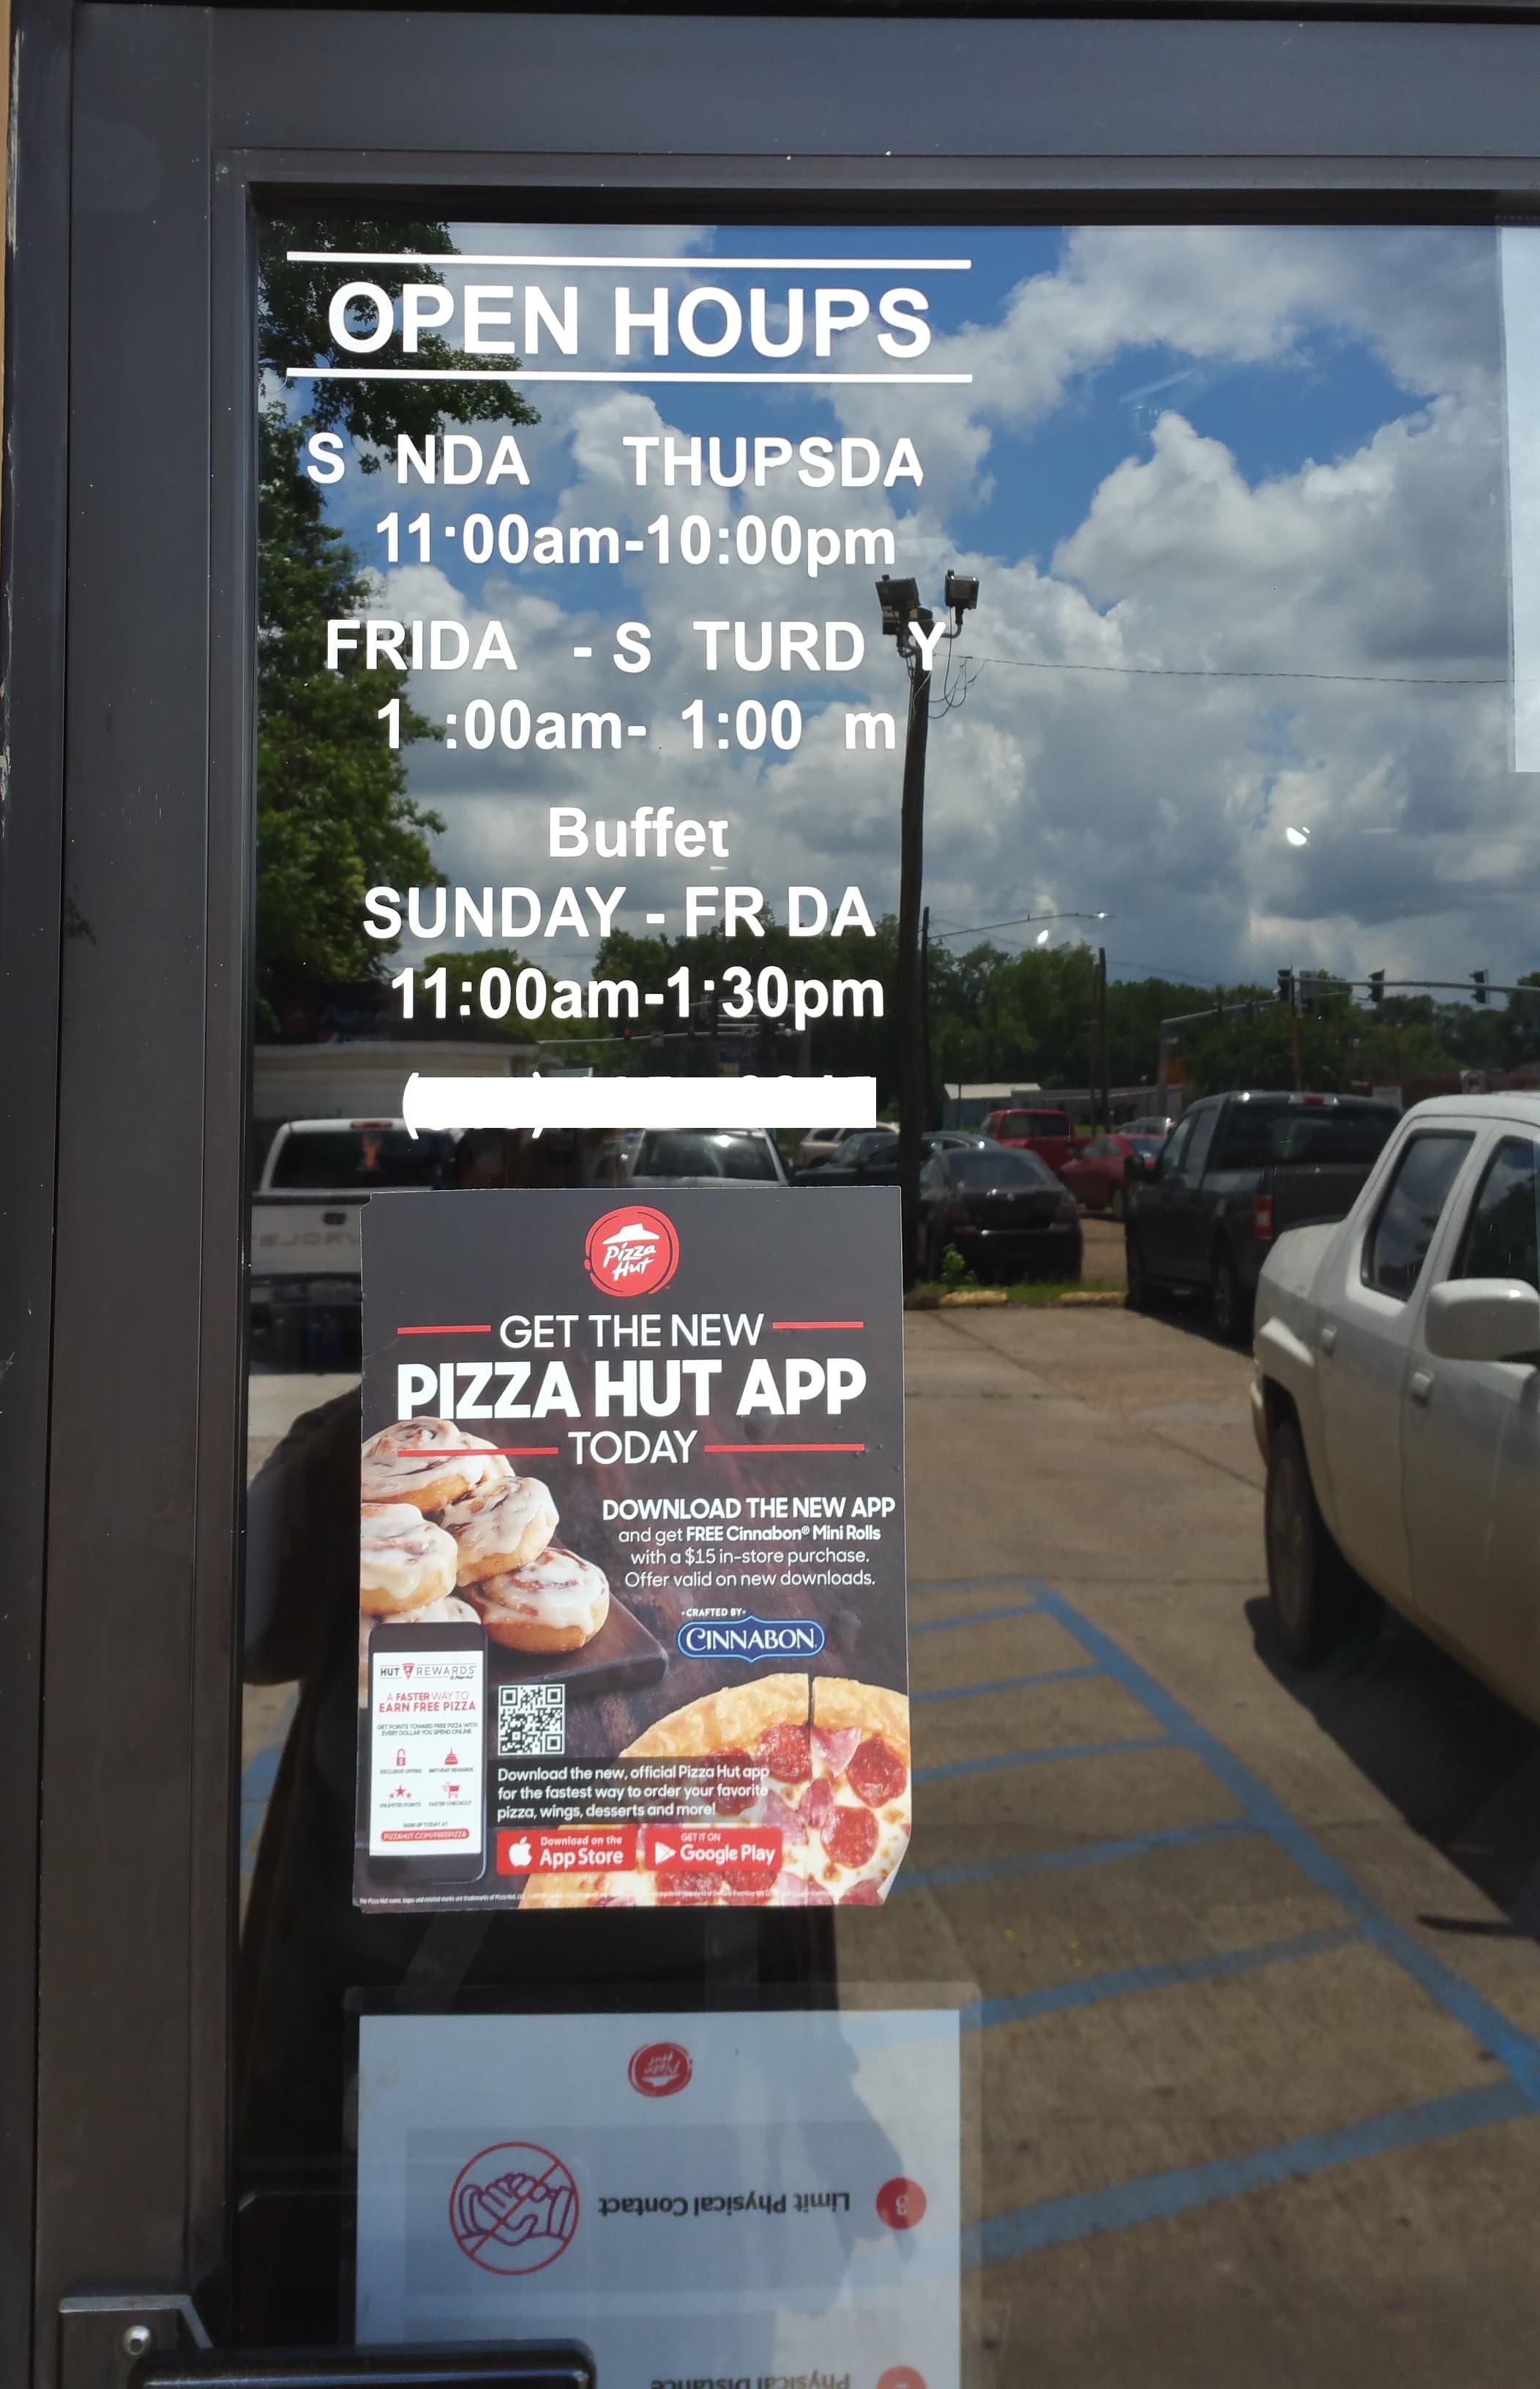 PizzaHutturdcensor.jpg